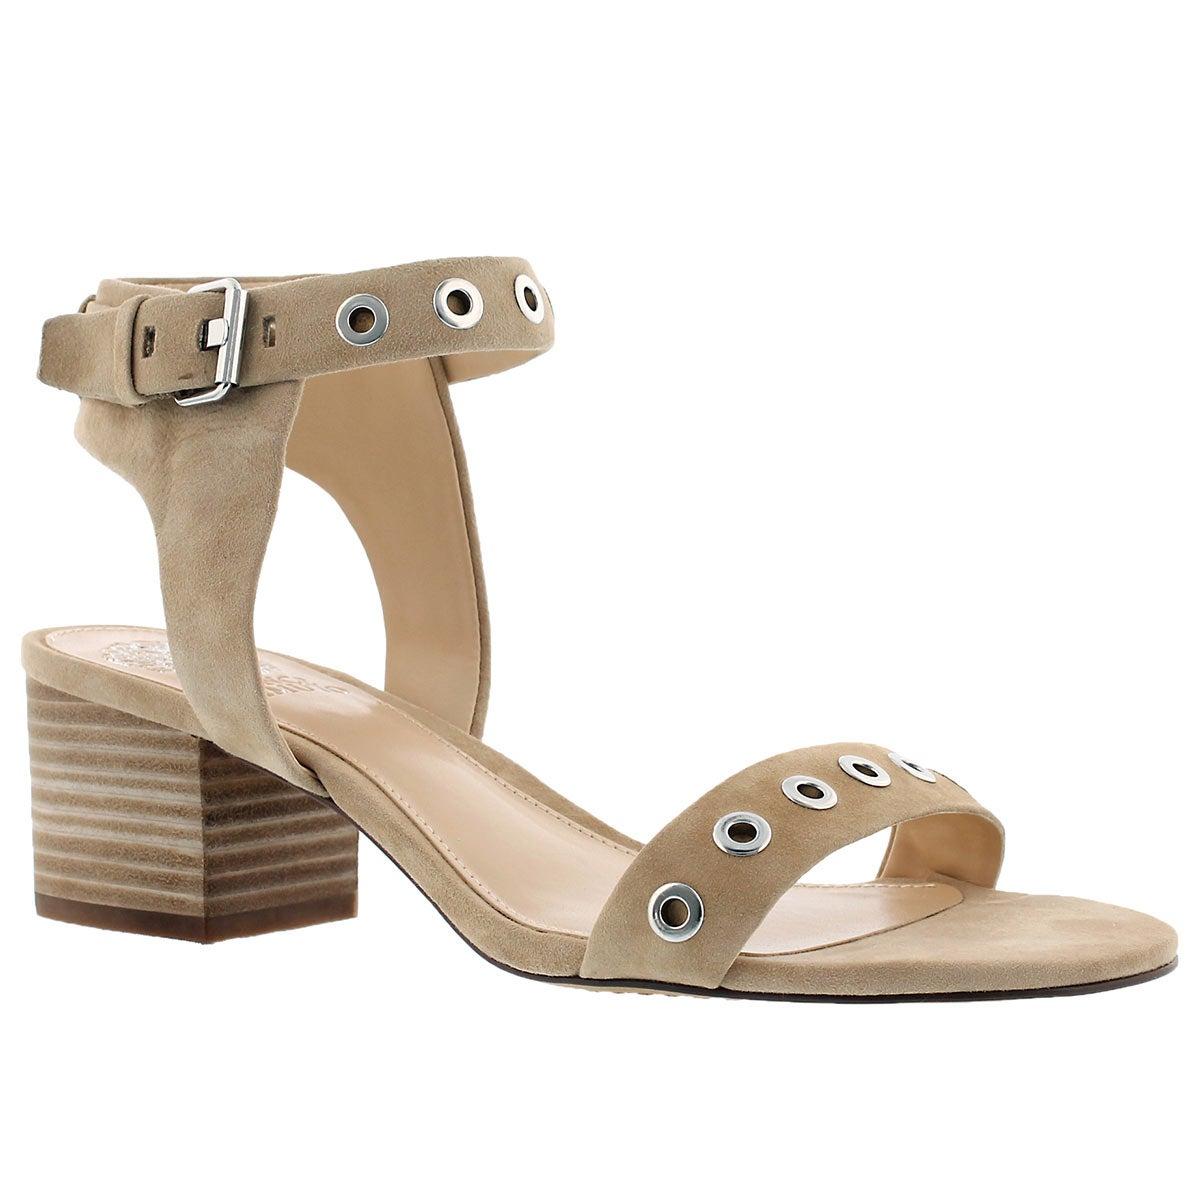 Women's FEYA tumbleweed dress sandals